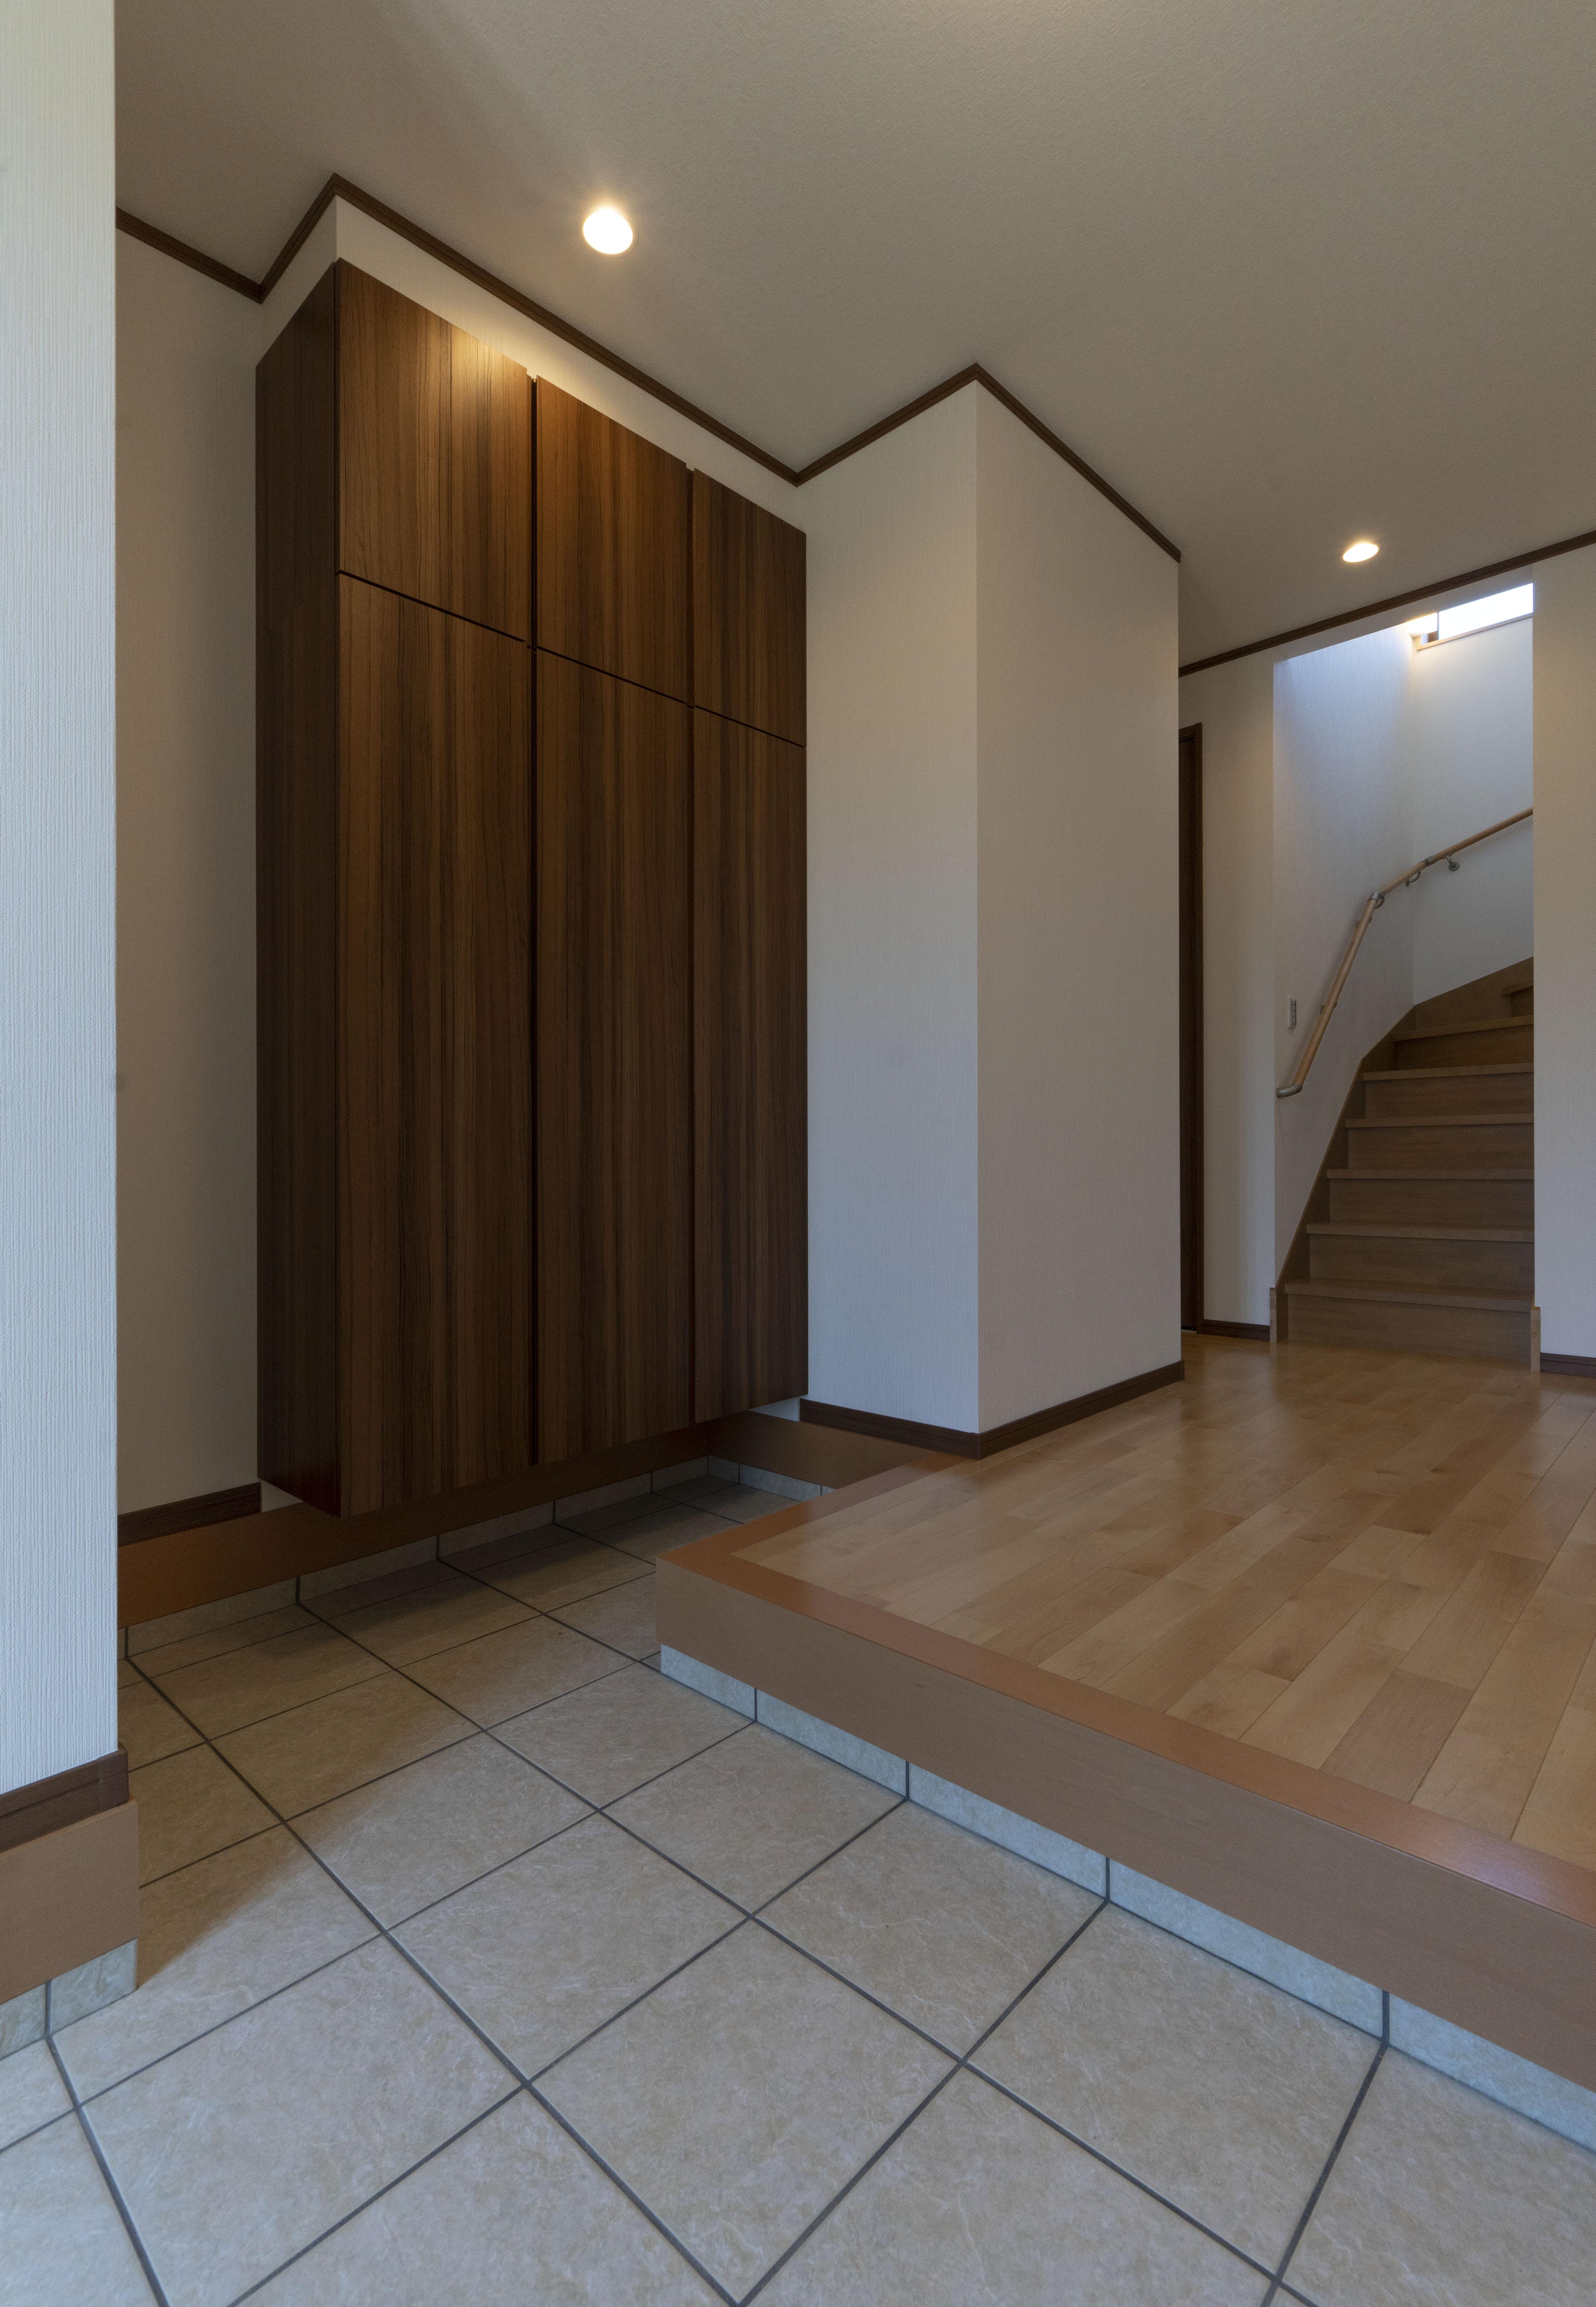 幅広の玄関と大きなシューズボックス